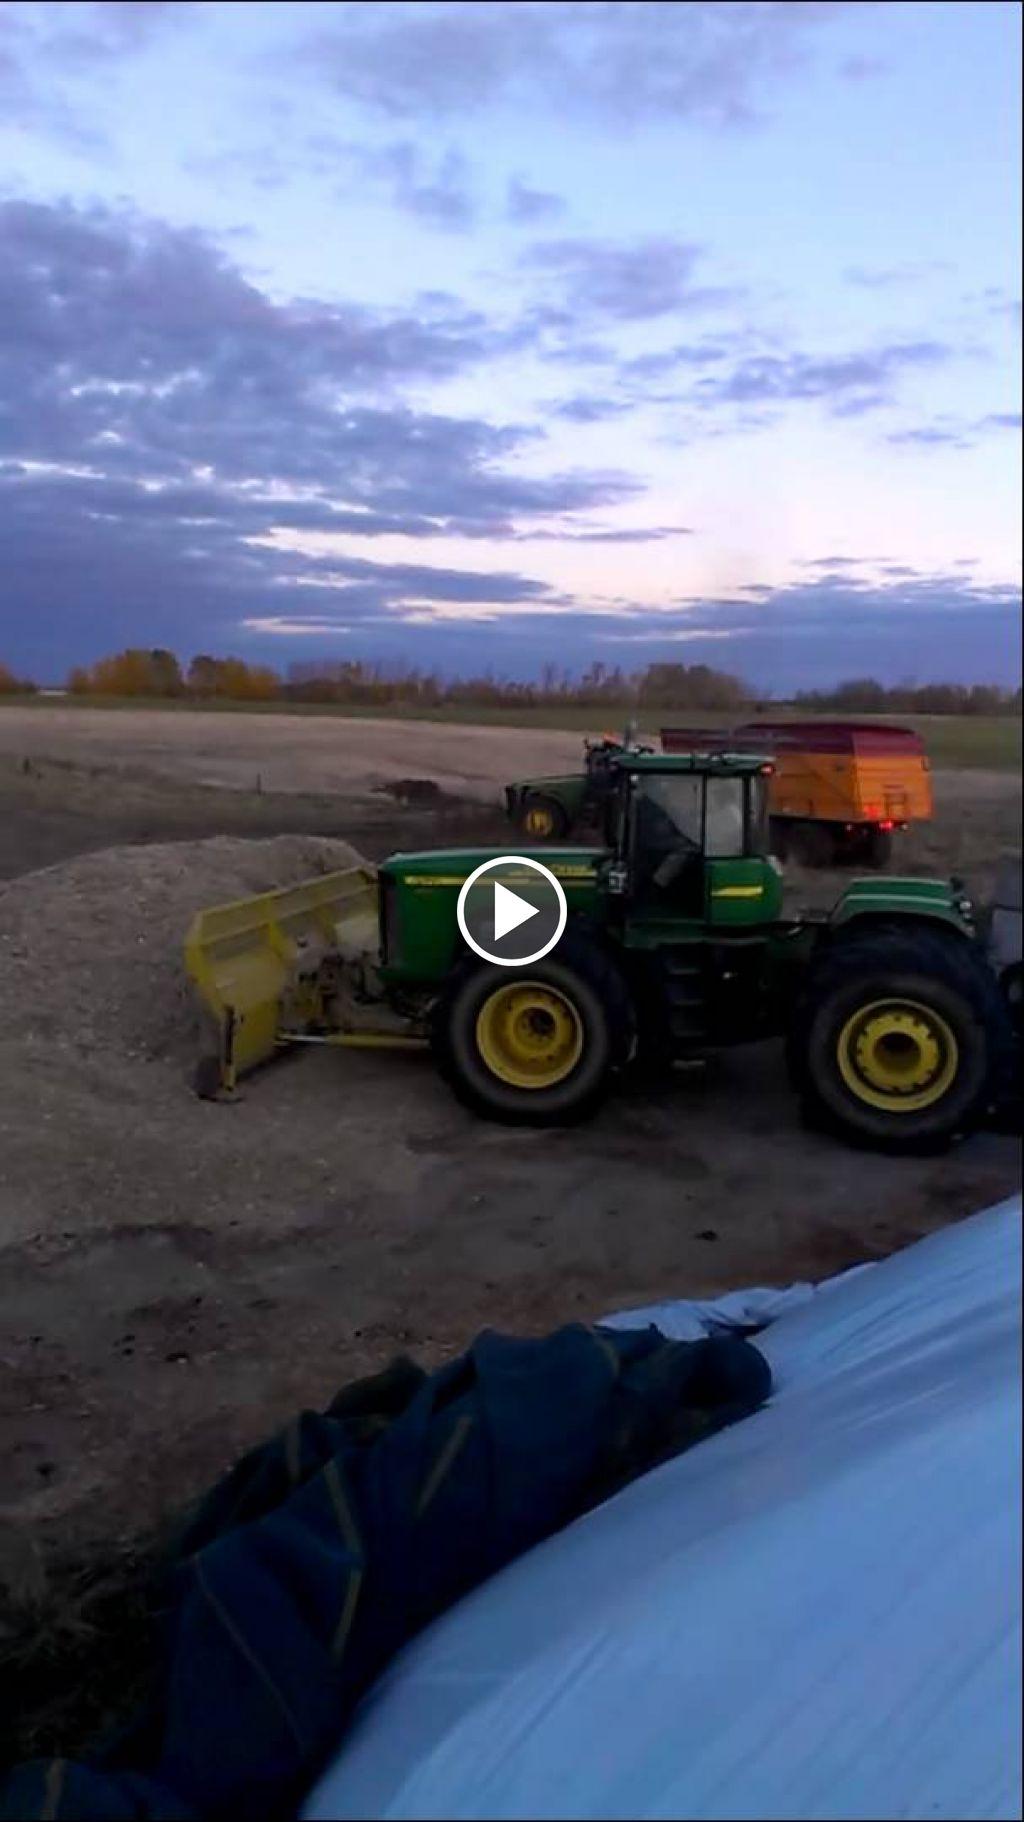 Wideo John Deere 952